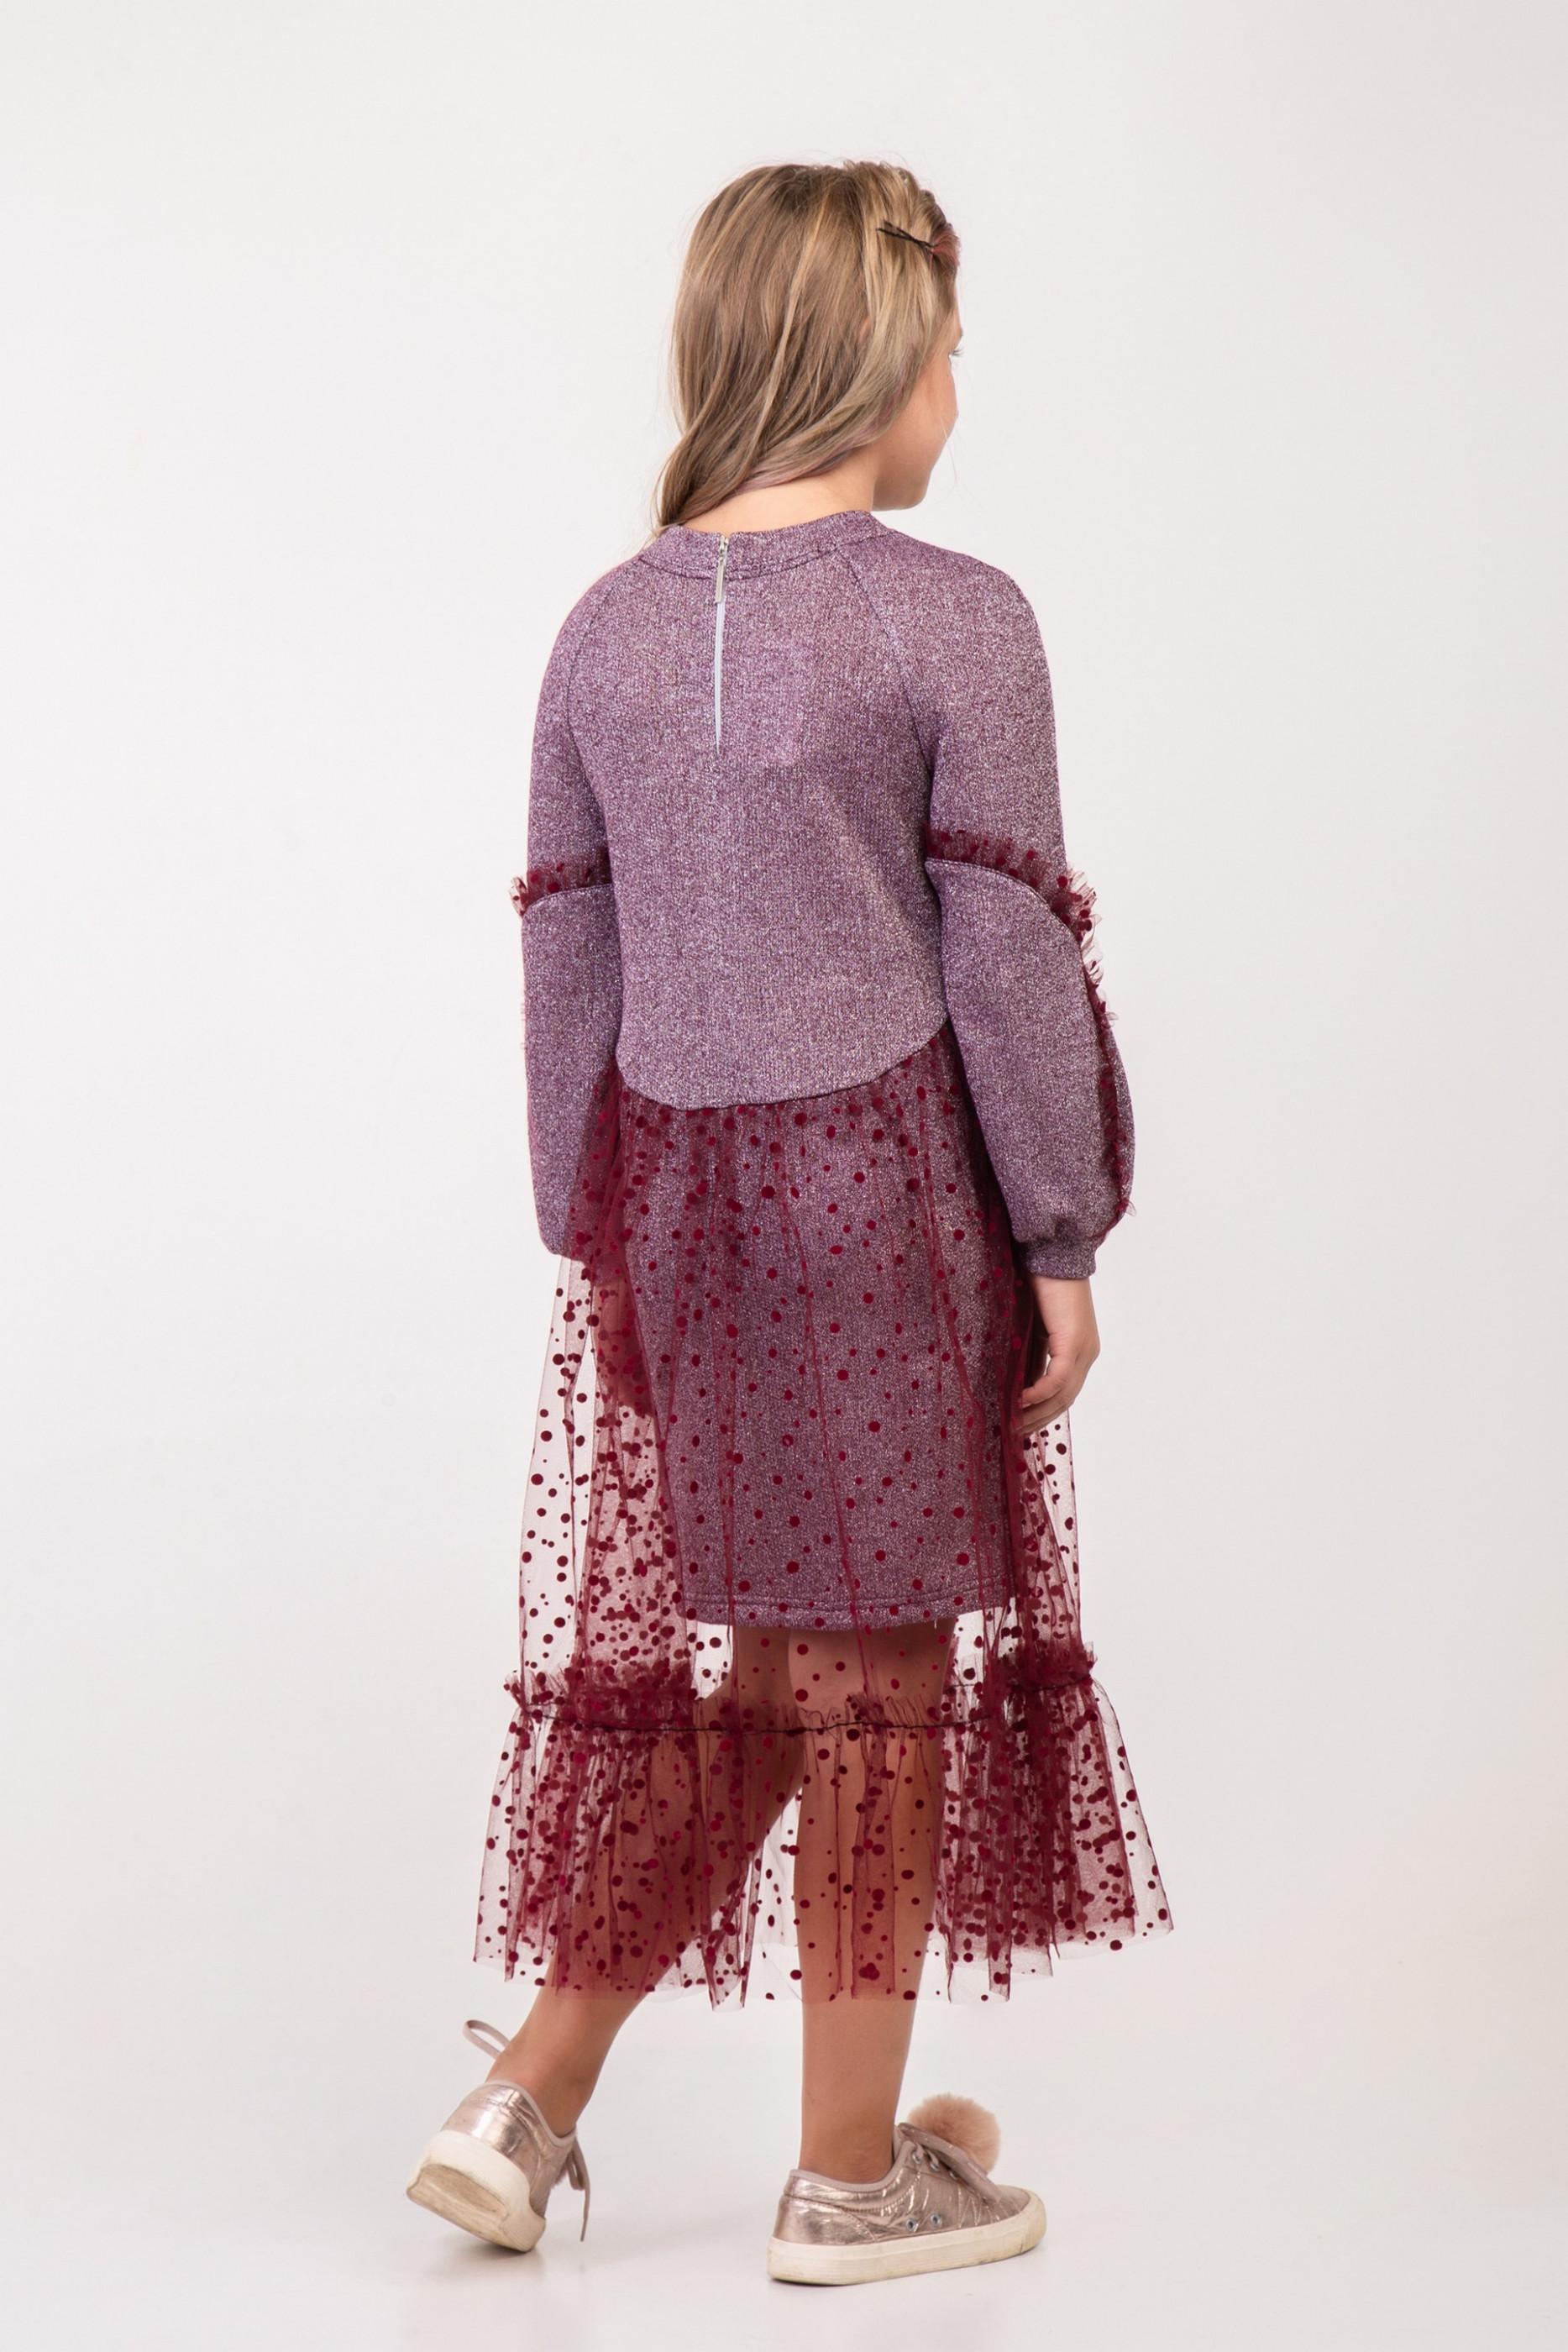 Плаття Ессі, фото №3